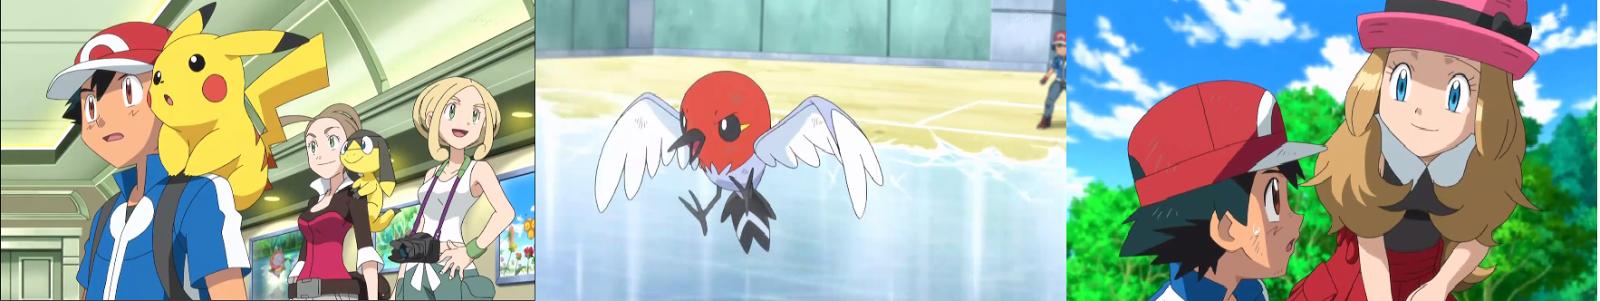 Pokémon - Capítulo 5 - Temporada 17 - Audio Latino